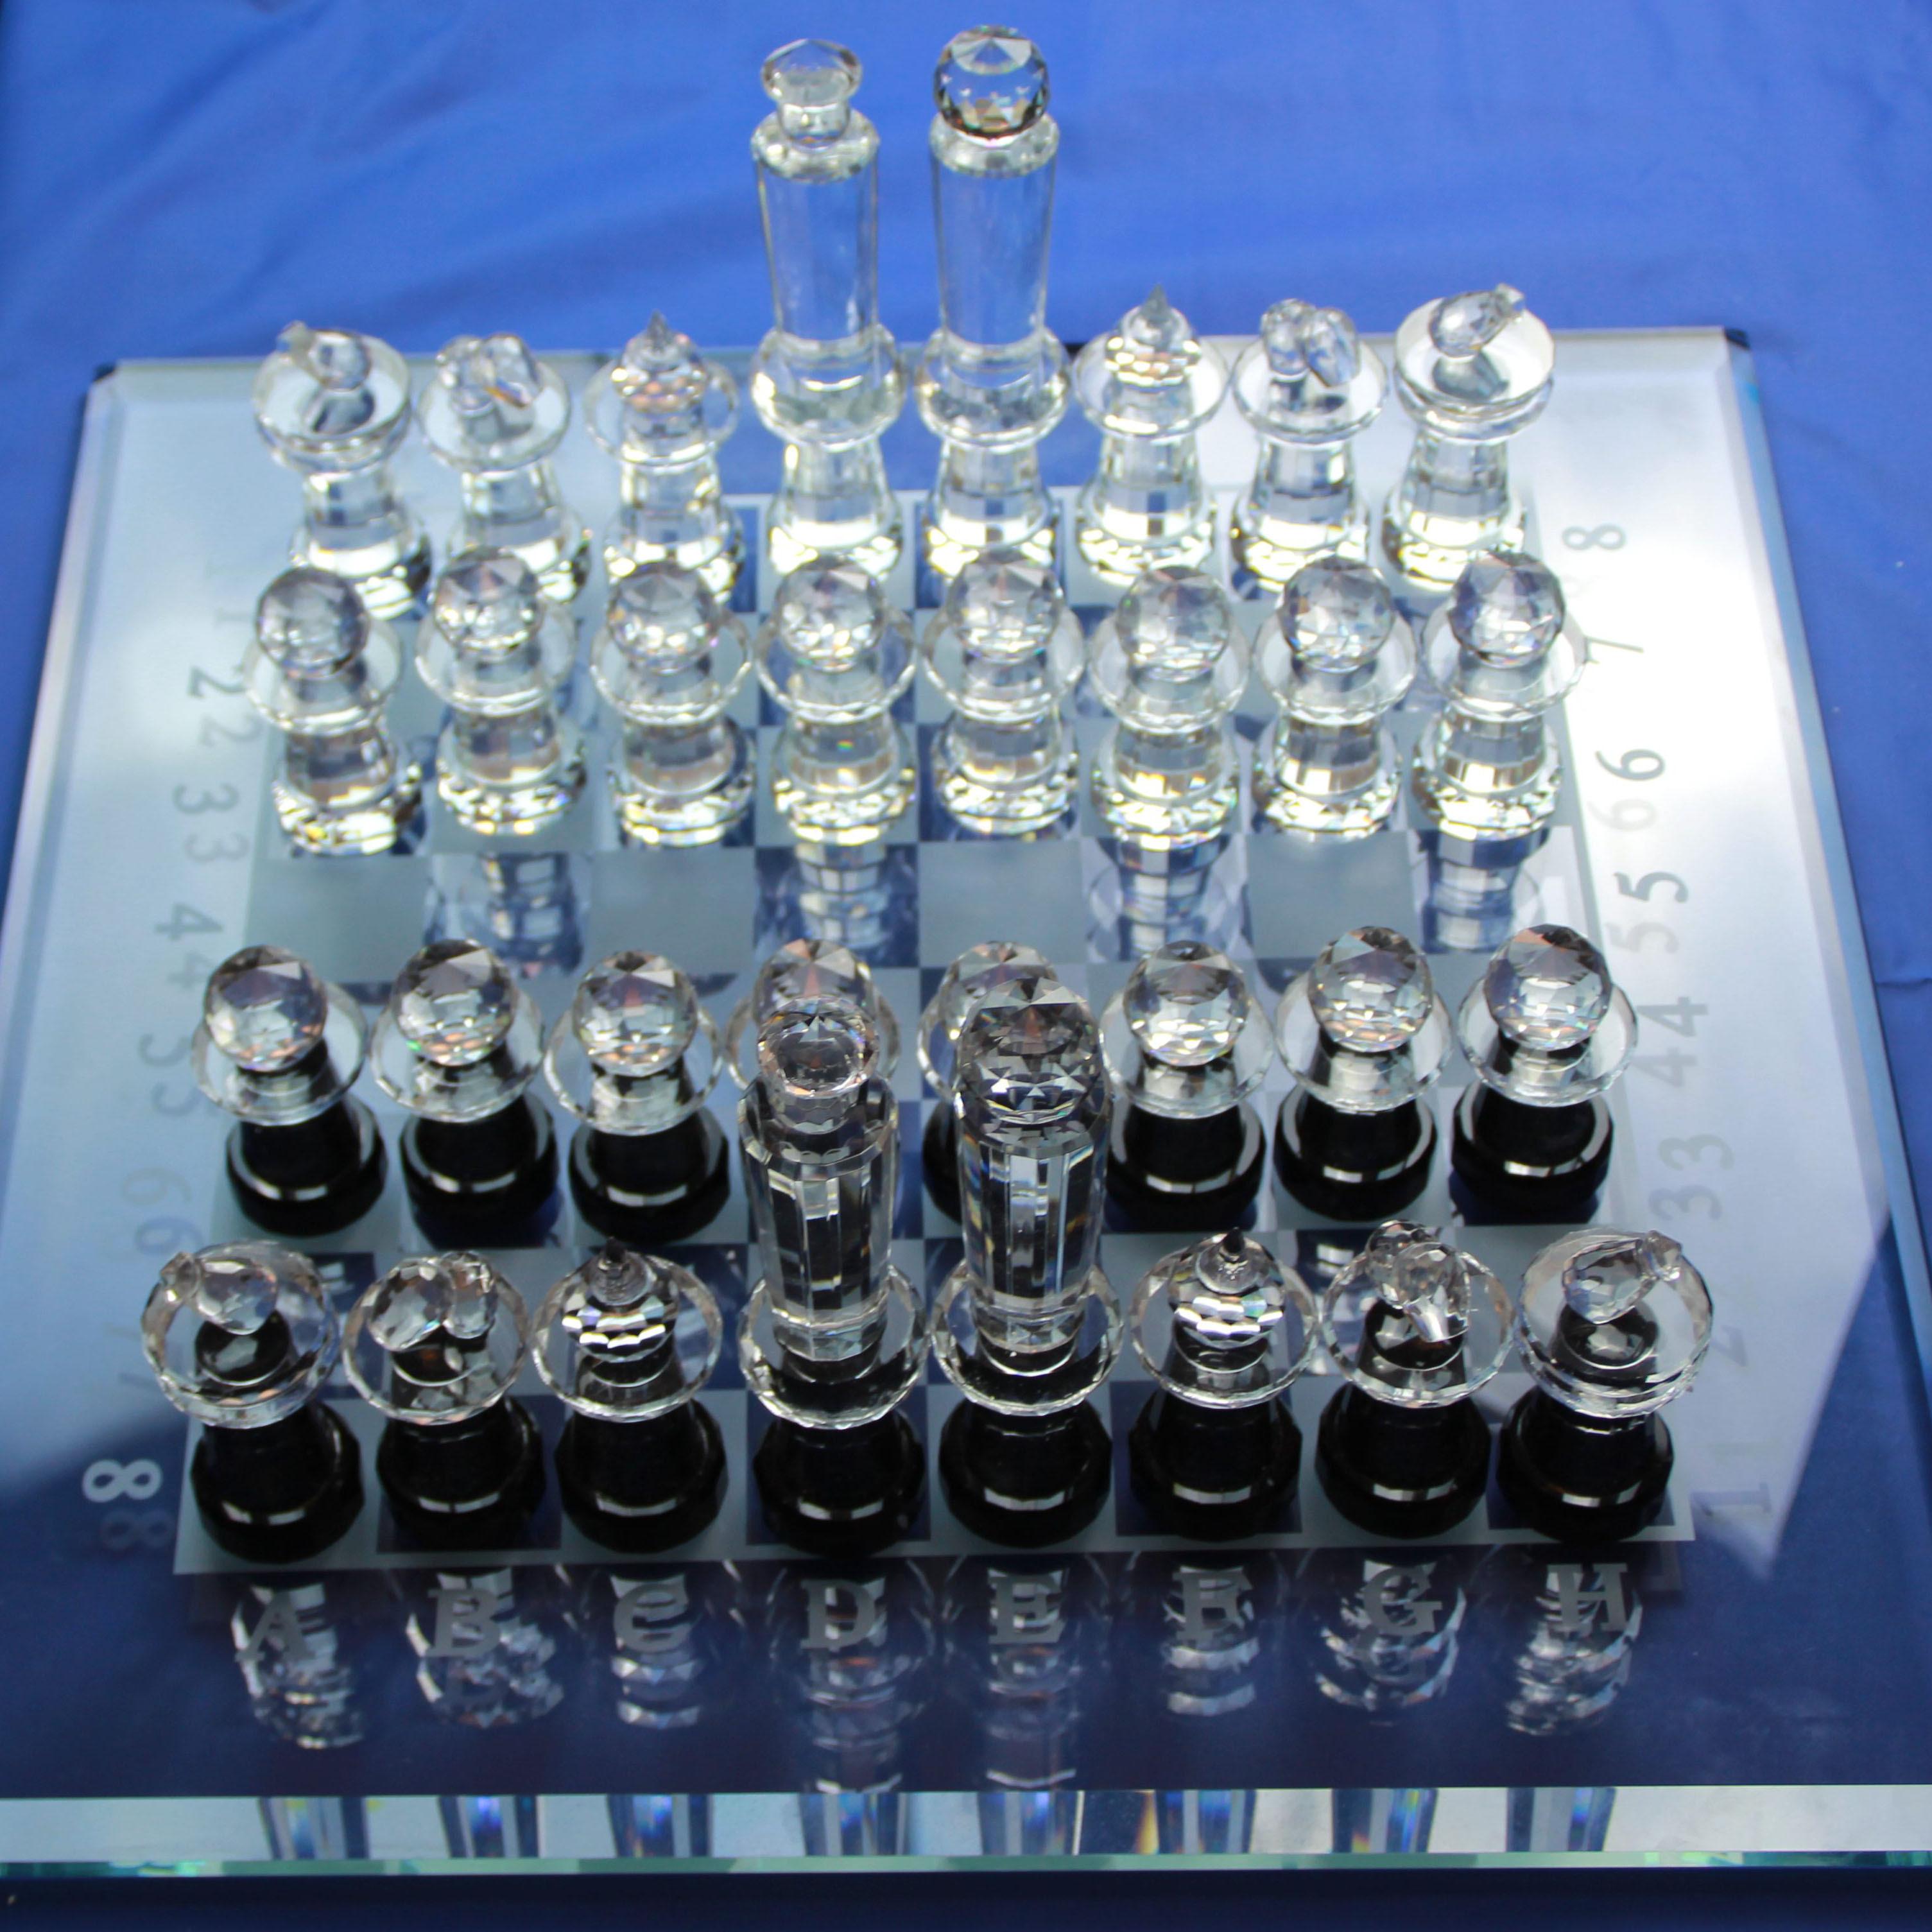 浦江水晶 浦江国际象棋 水晶订制供应 厂家直销 家居摆件游戏娱乐用品